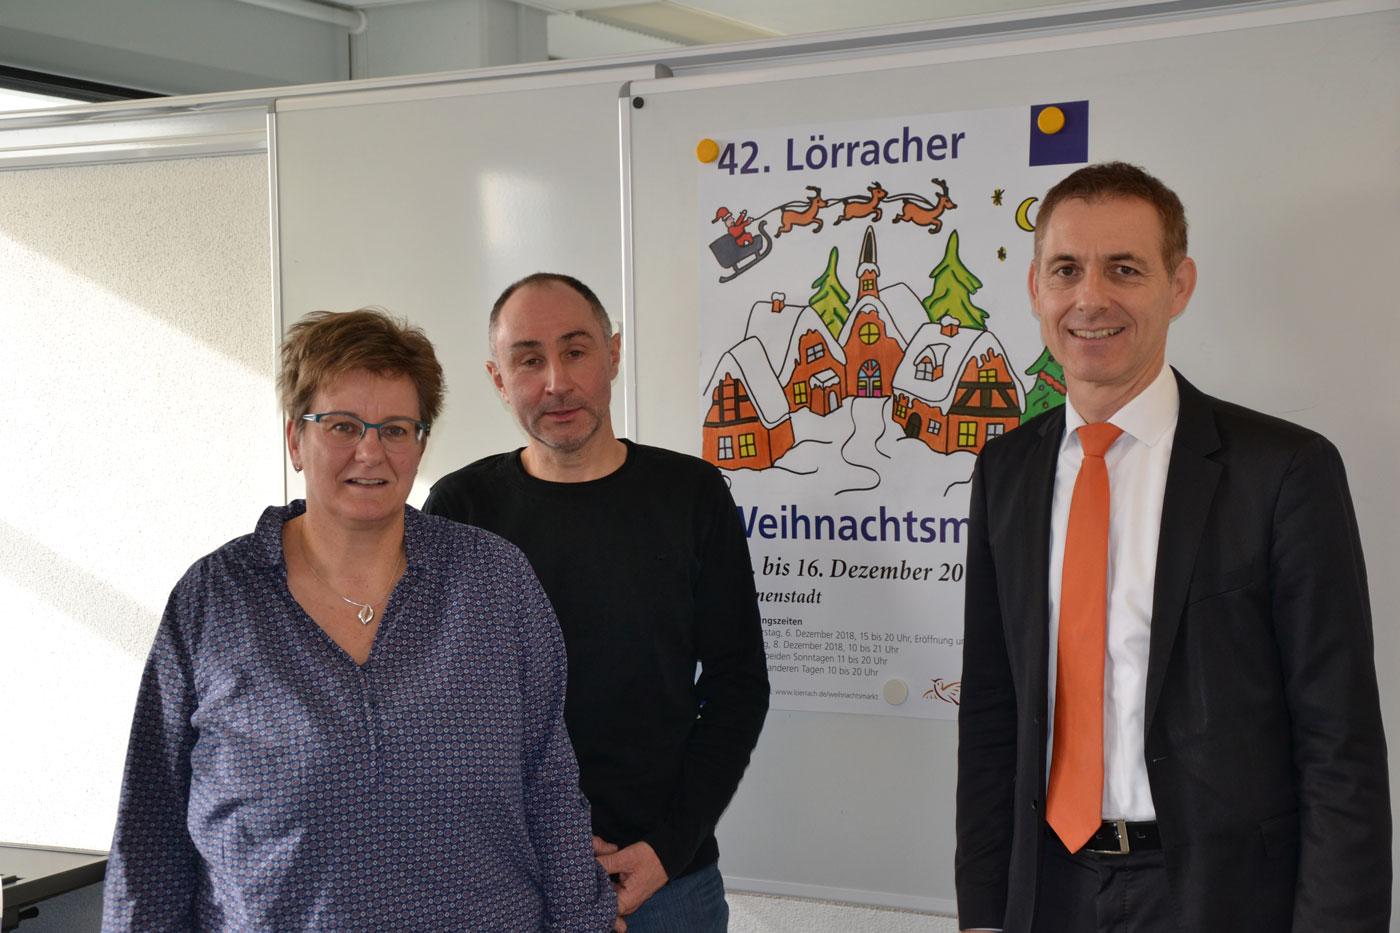 42. Weihnachtsmarkt in Lörrach - meinWiesental.de